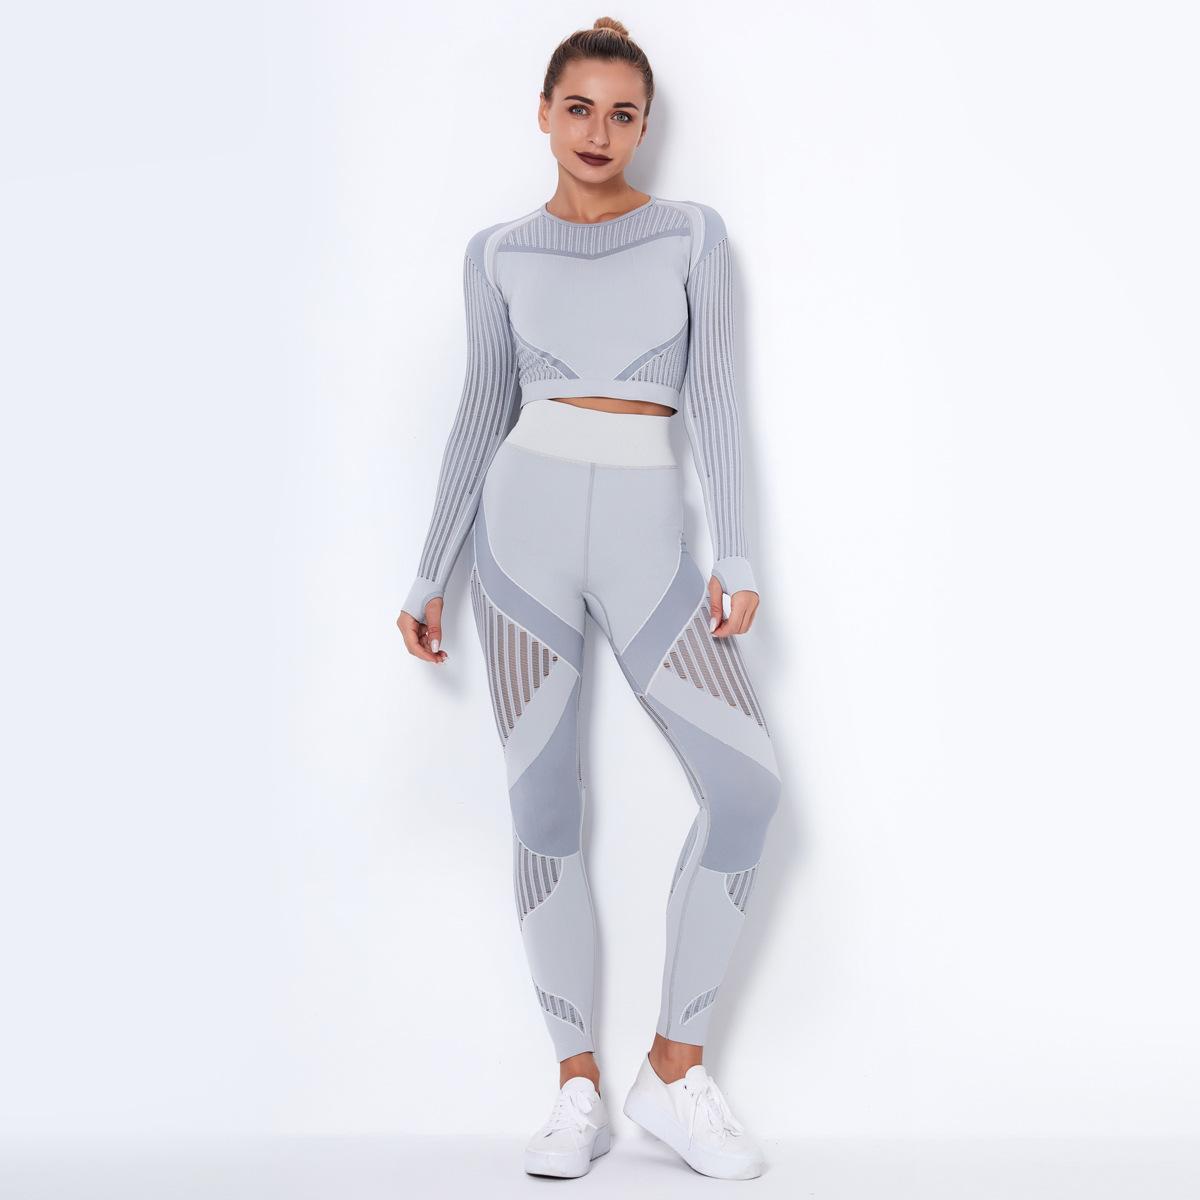 2020 INS Kadın Yoga Seti Dikişsiz Spor 2 adet Seti Uzun Kollu gömlek ekin üst ter ve Yüksek Bel Uzun Pantolon Capri Yoga Eşofman